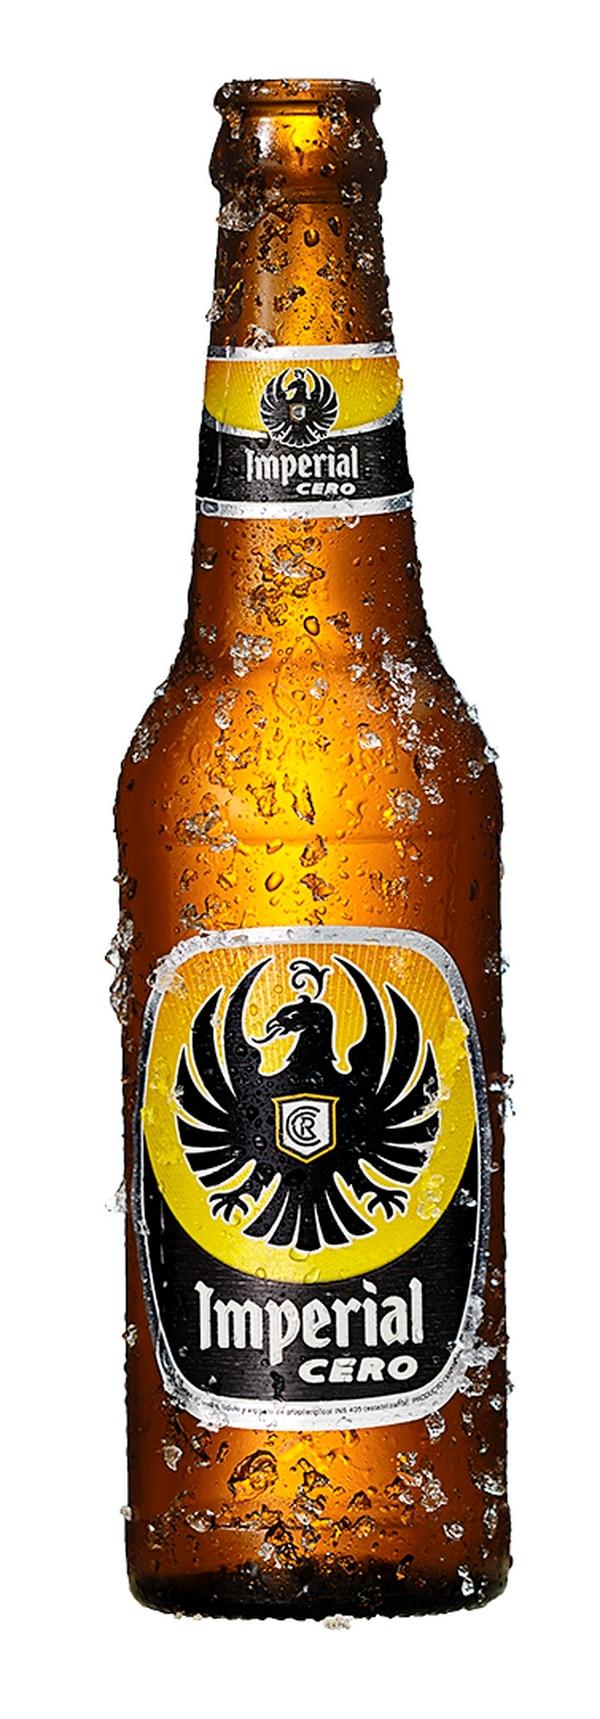 La Imperial Cero tiene color dorado, con bajo amargor, aroma lupulado cítrico y carbonatación intensa.